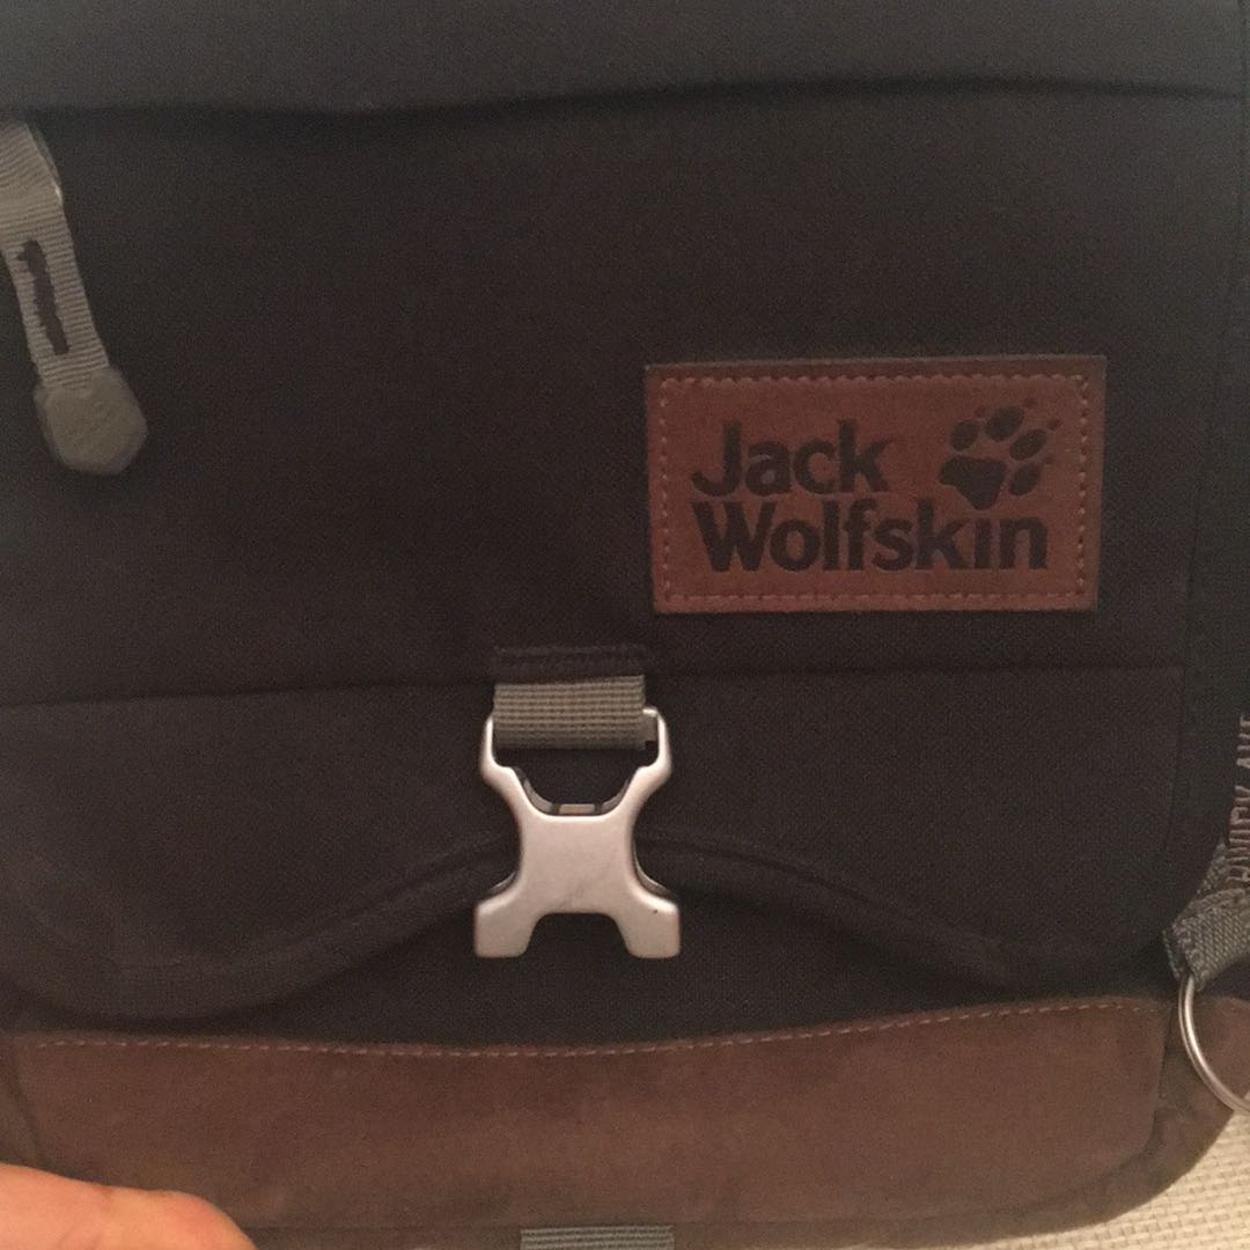 Jack Wolfskin Askılı çanta